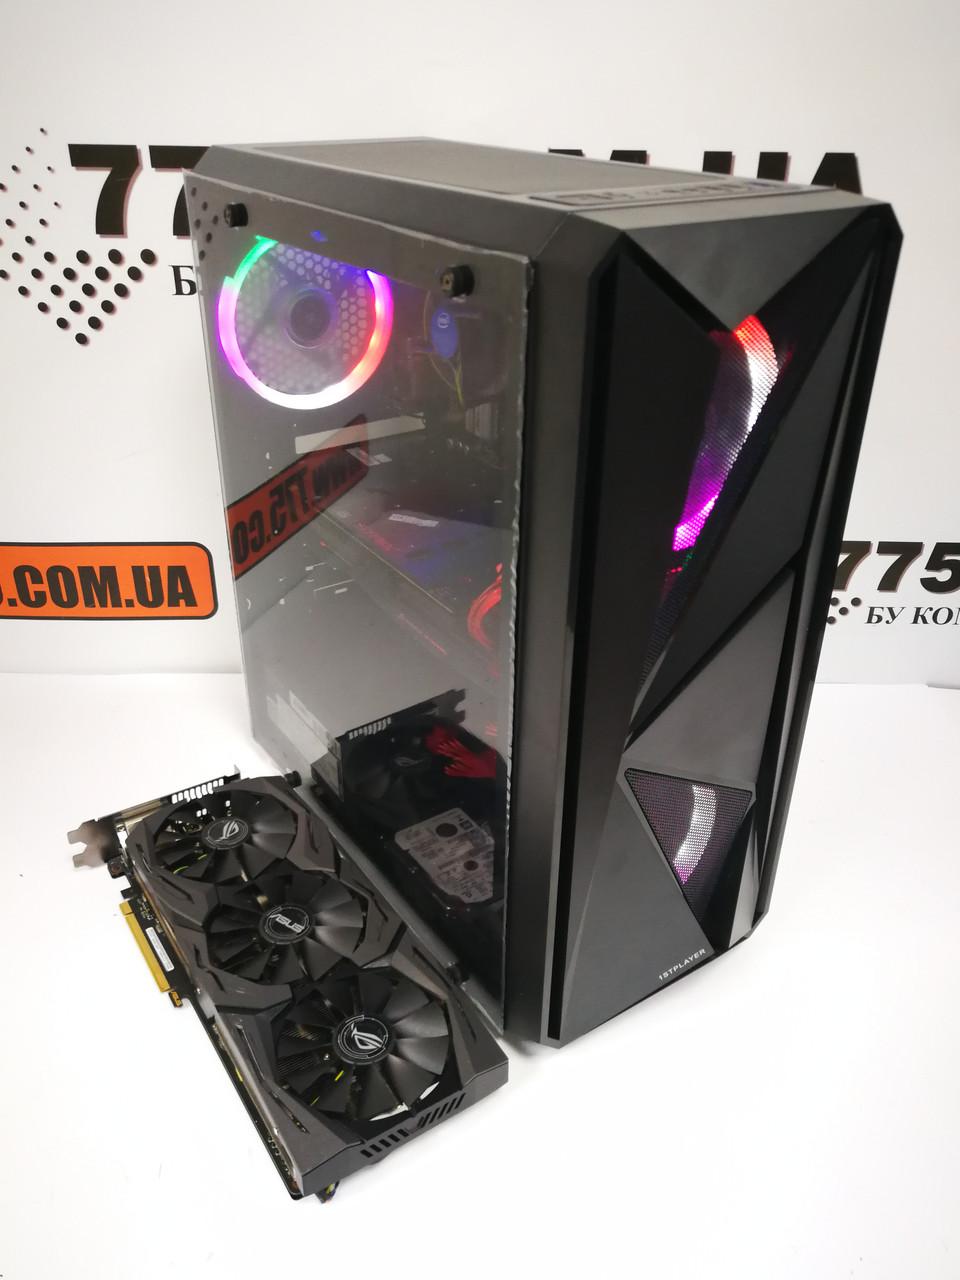 Игровой компьютер Intel Core i5-10500 4.5GHz, RAM 16ГБ, SSD 120ГБ, HDD 500ГБ, GTX 1060 6ГБ